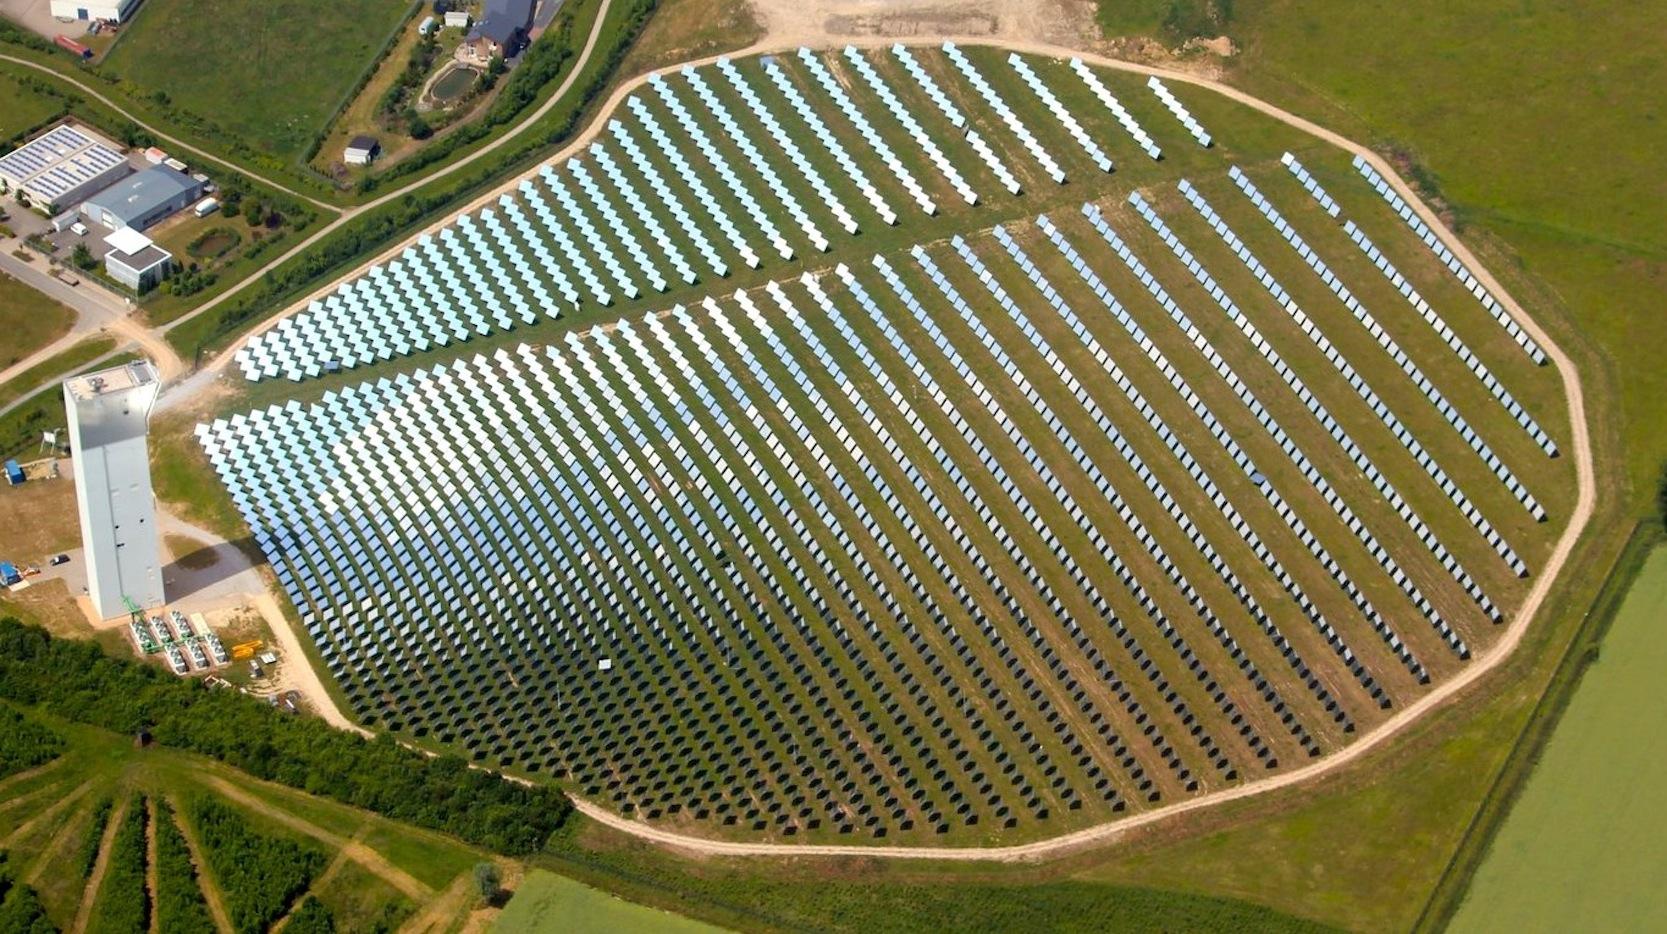 Blick aus der Luft auf die2.153 beweglichen Spiegel des Solarturmkraftwerkes in Jülich.